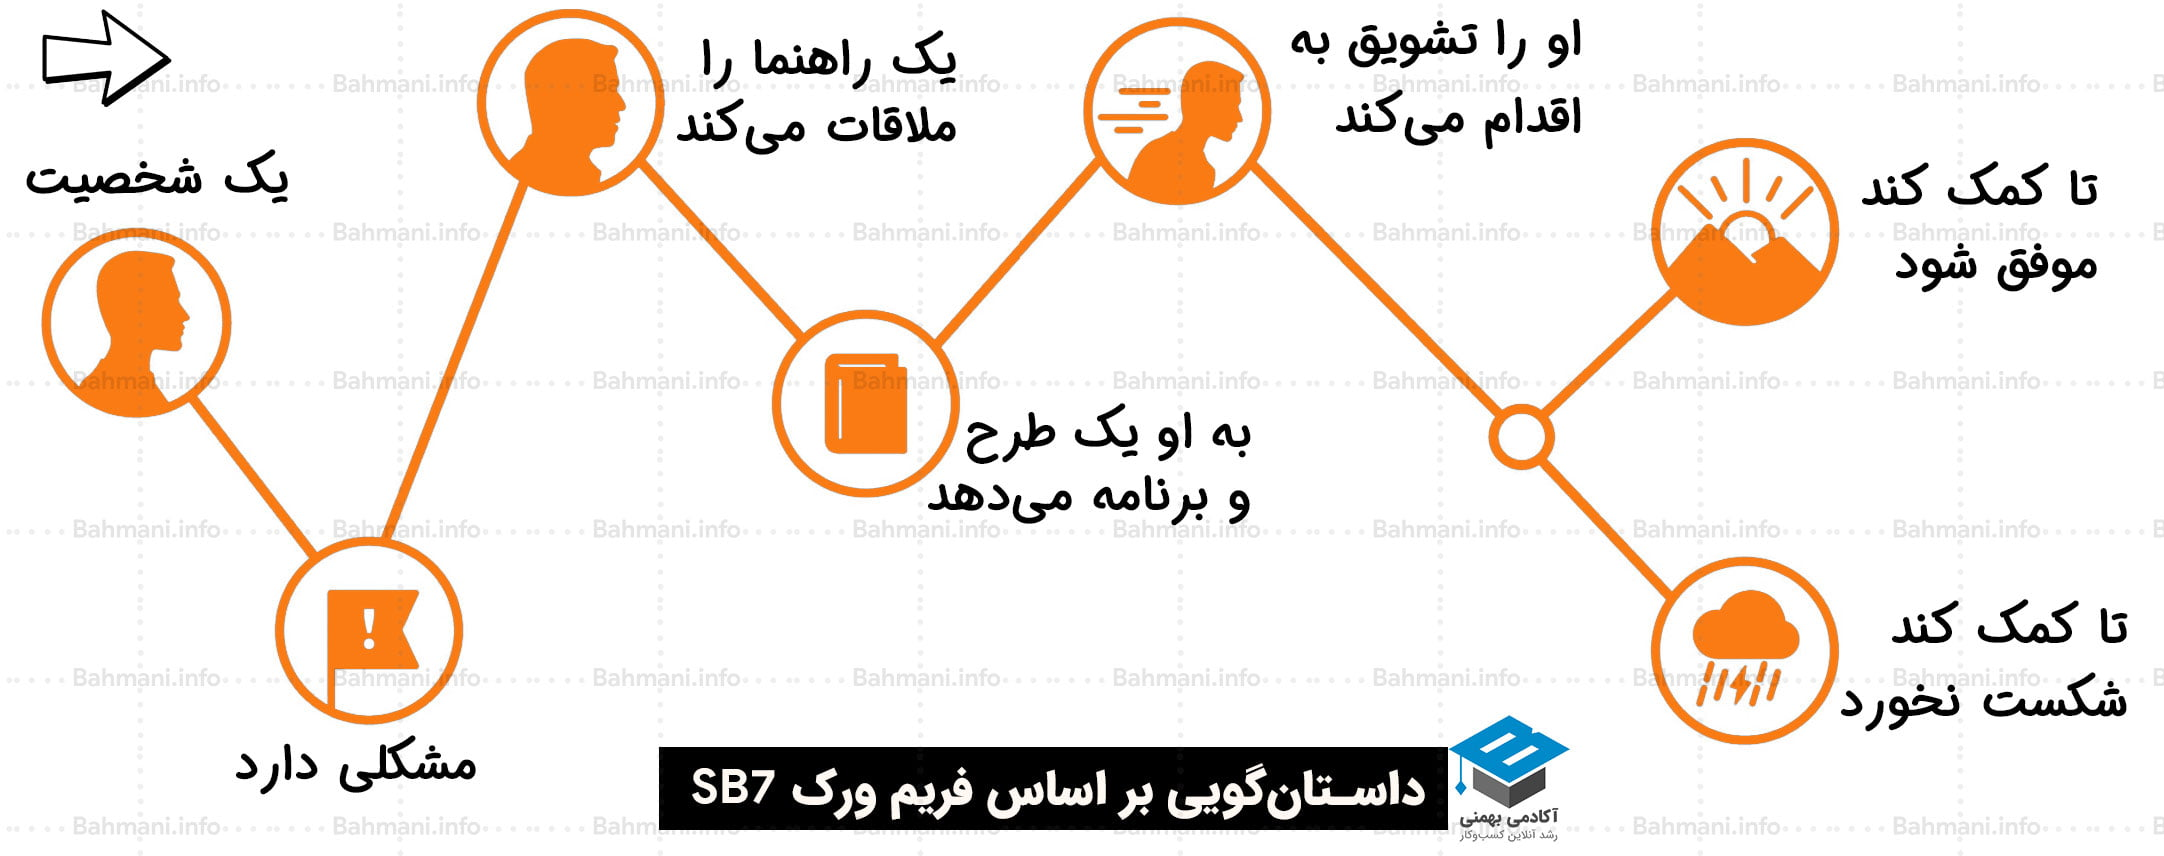 بیان داستان برند به روش SB7